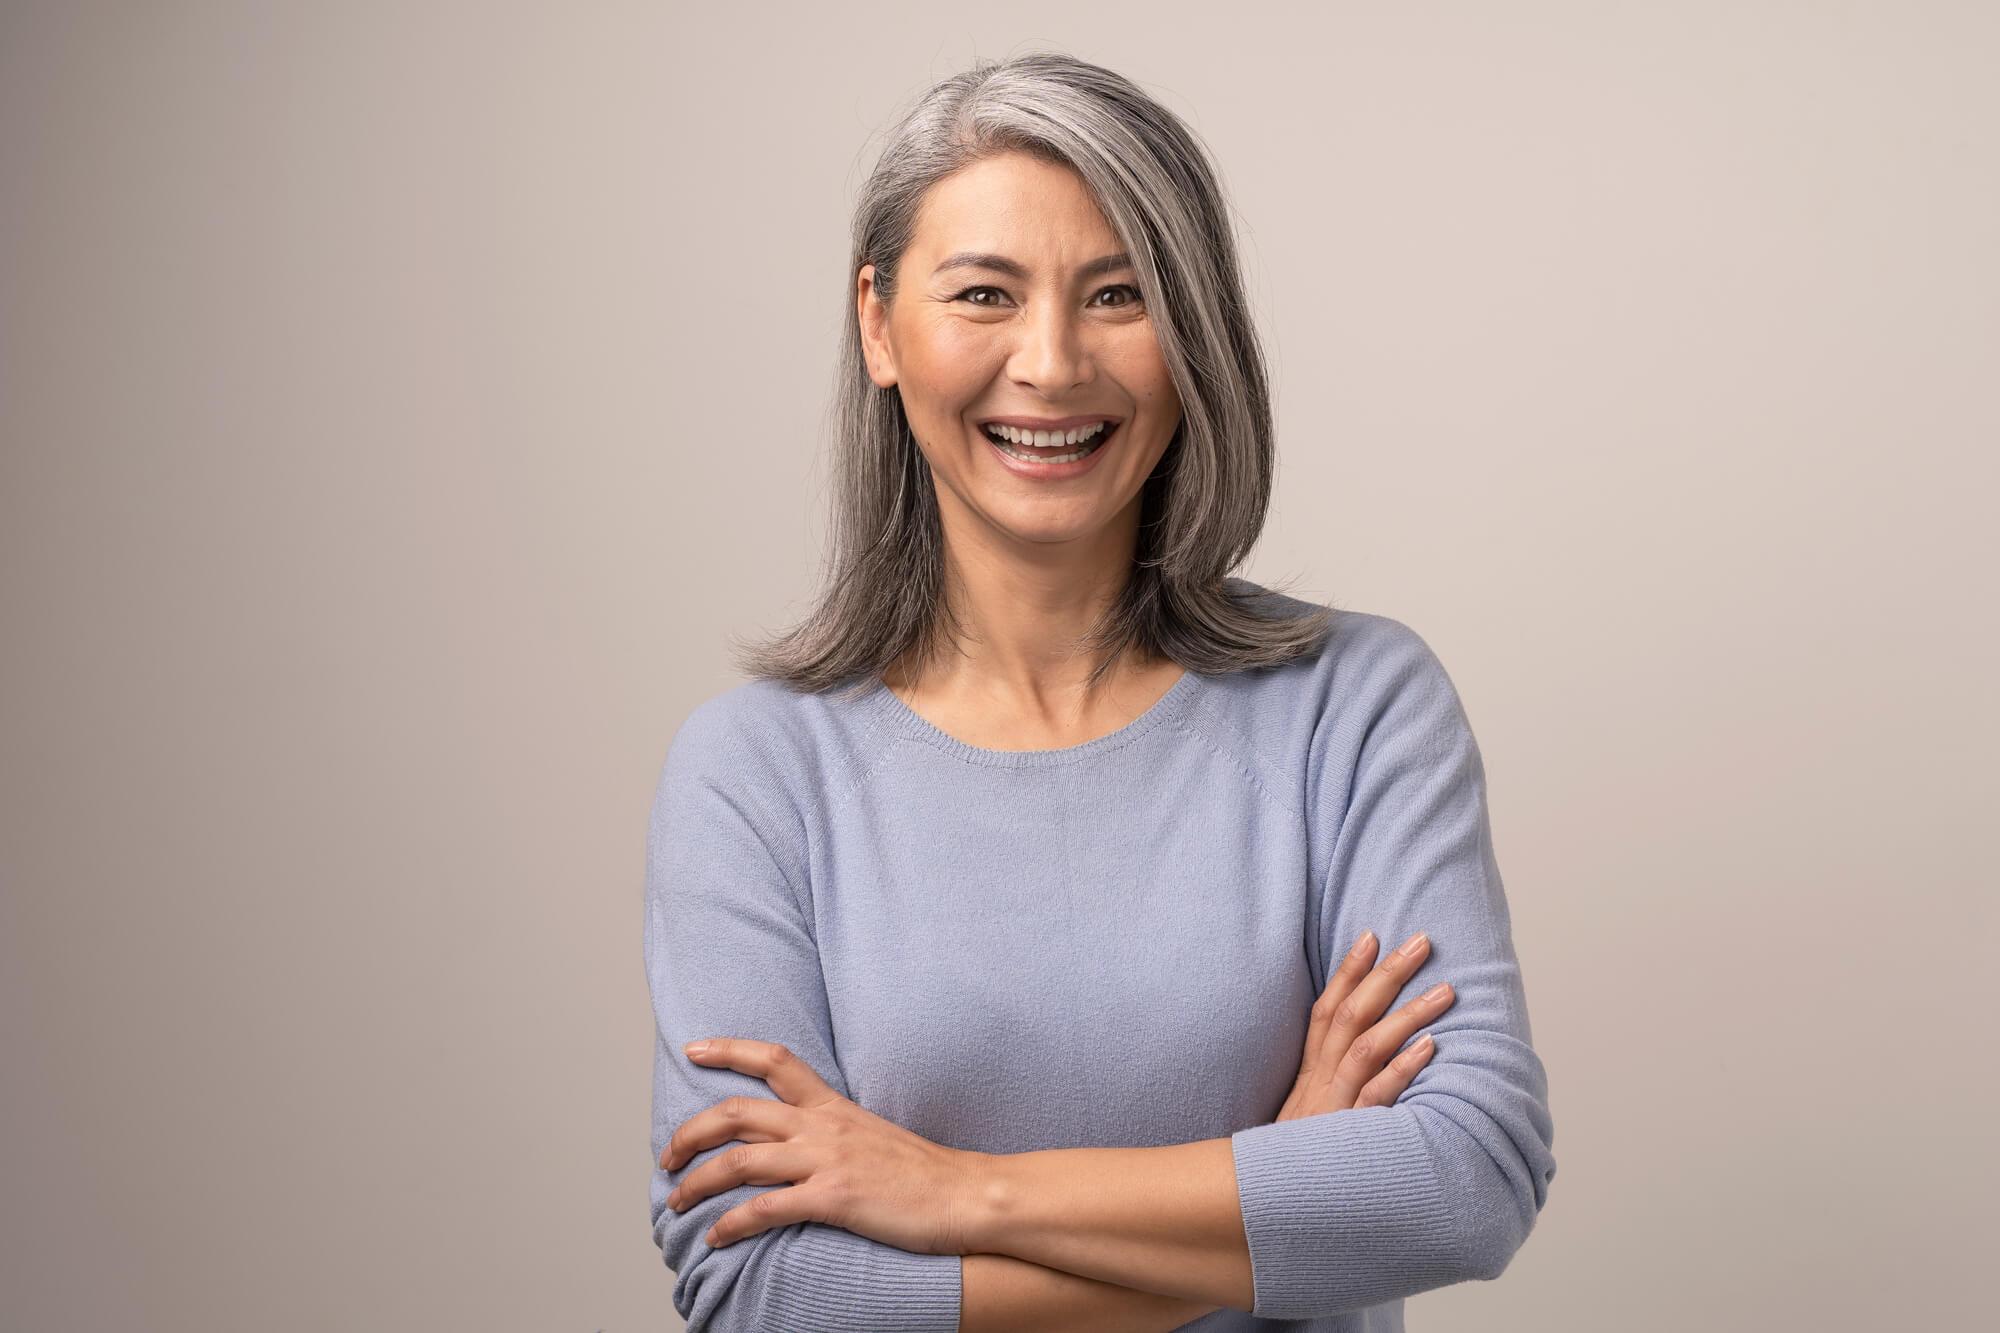 Grey Hair Transitioning takes time